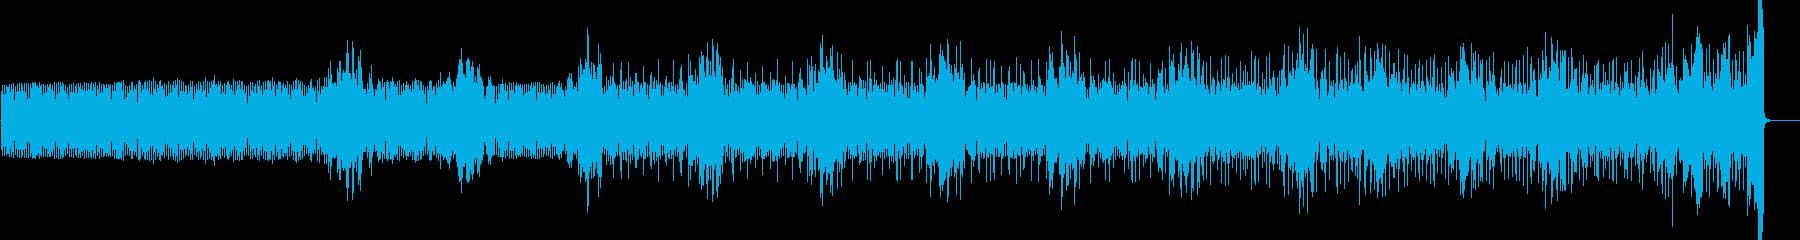 電気技術-ハイテクのテーマ。 Sp...の再生済みの波形